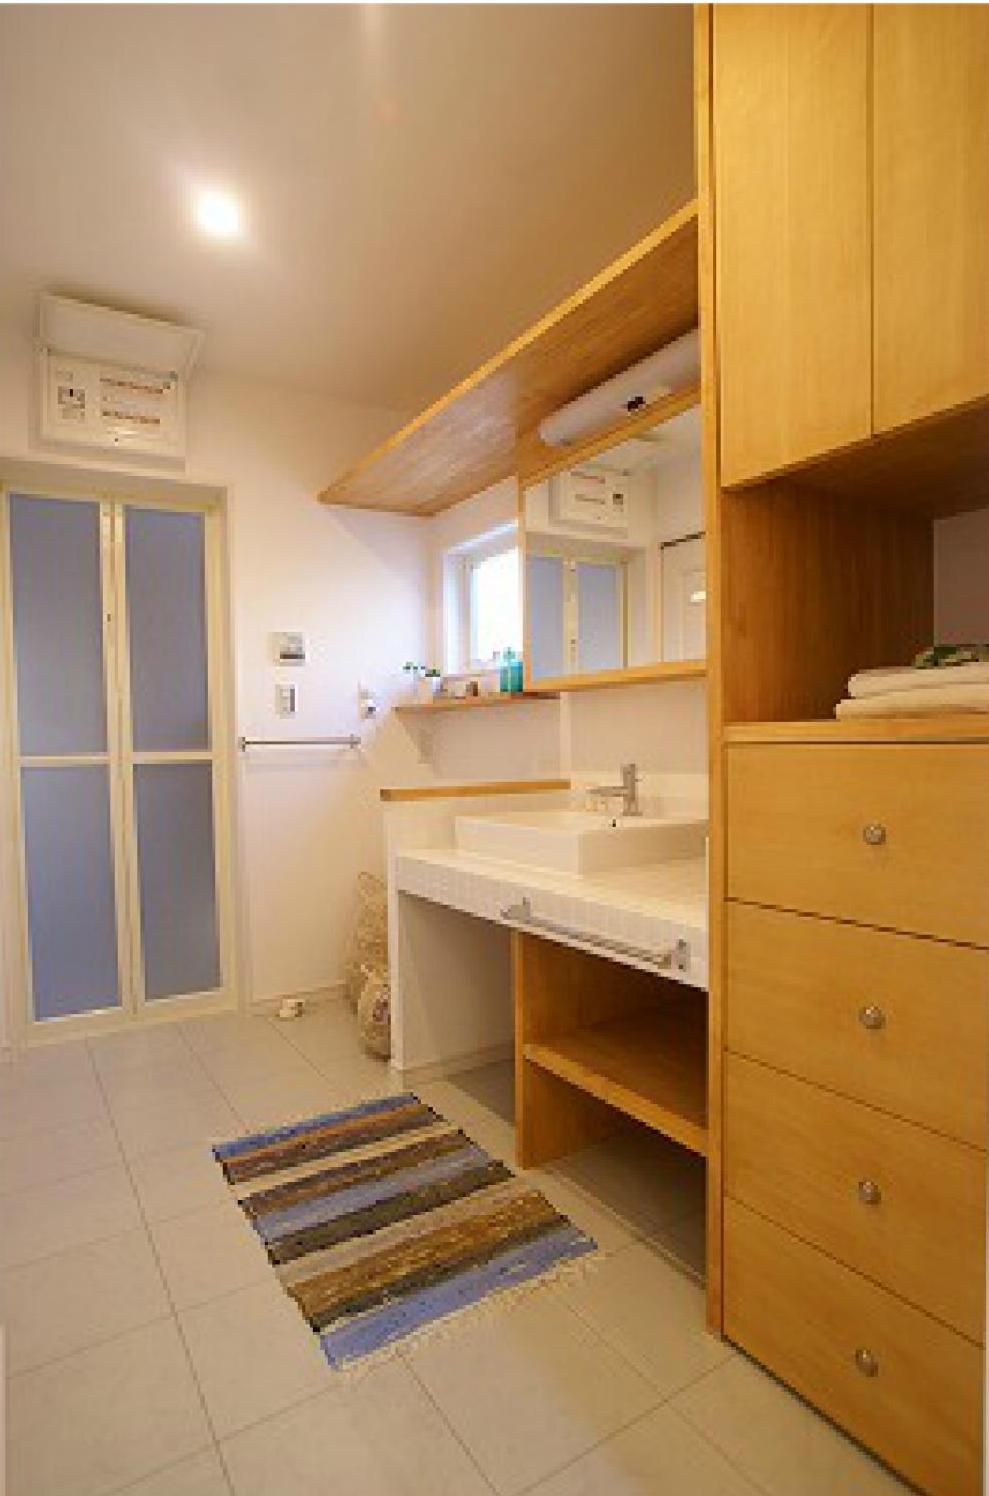 キッチンからも玄関からも入れる洗面所はとても使い勝手が良さそう!タイル貼りの洗面台と造作の収納も可愛い♪